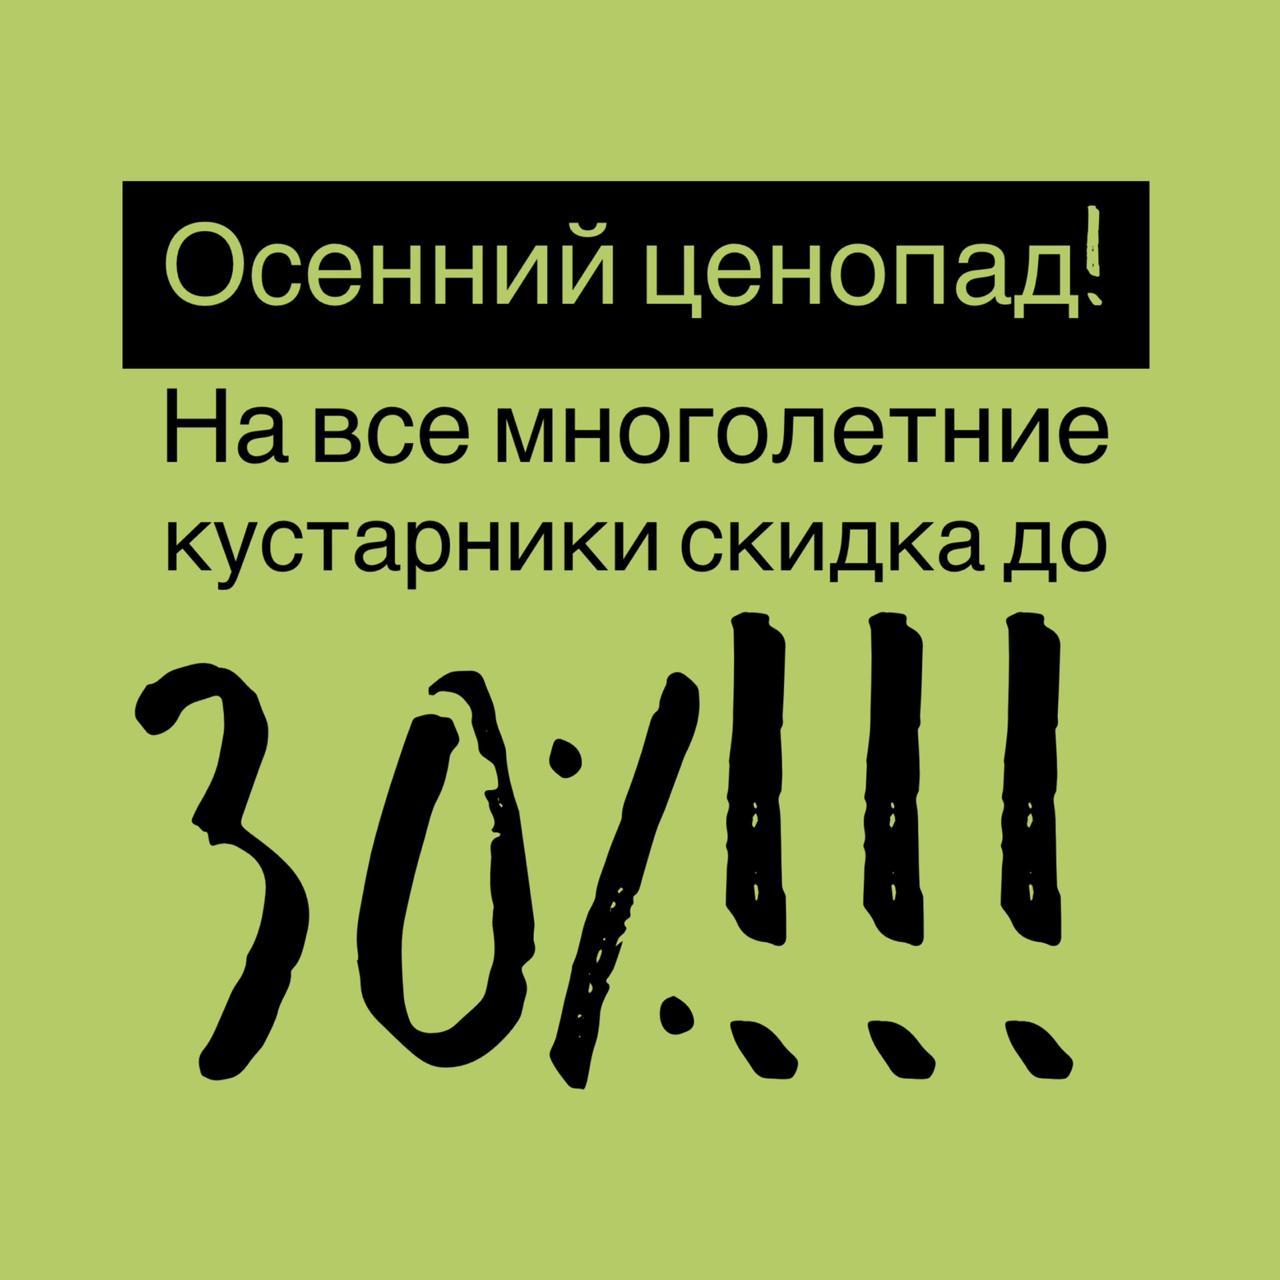 Акция! Осенний ценопад в питомнике «Флора»